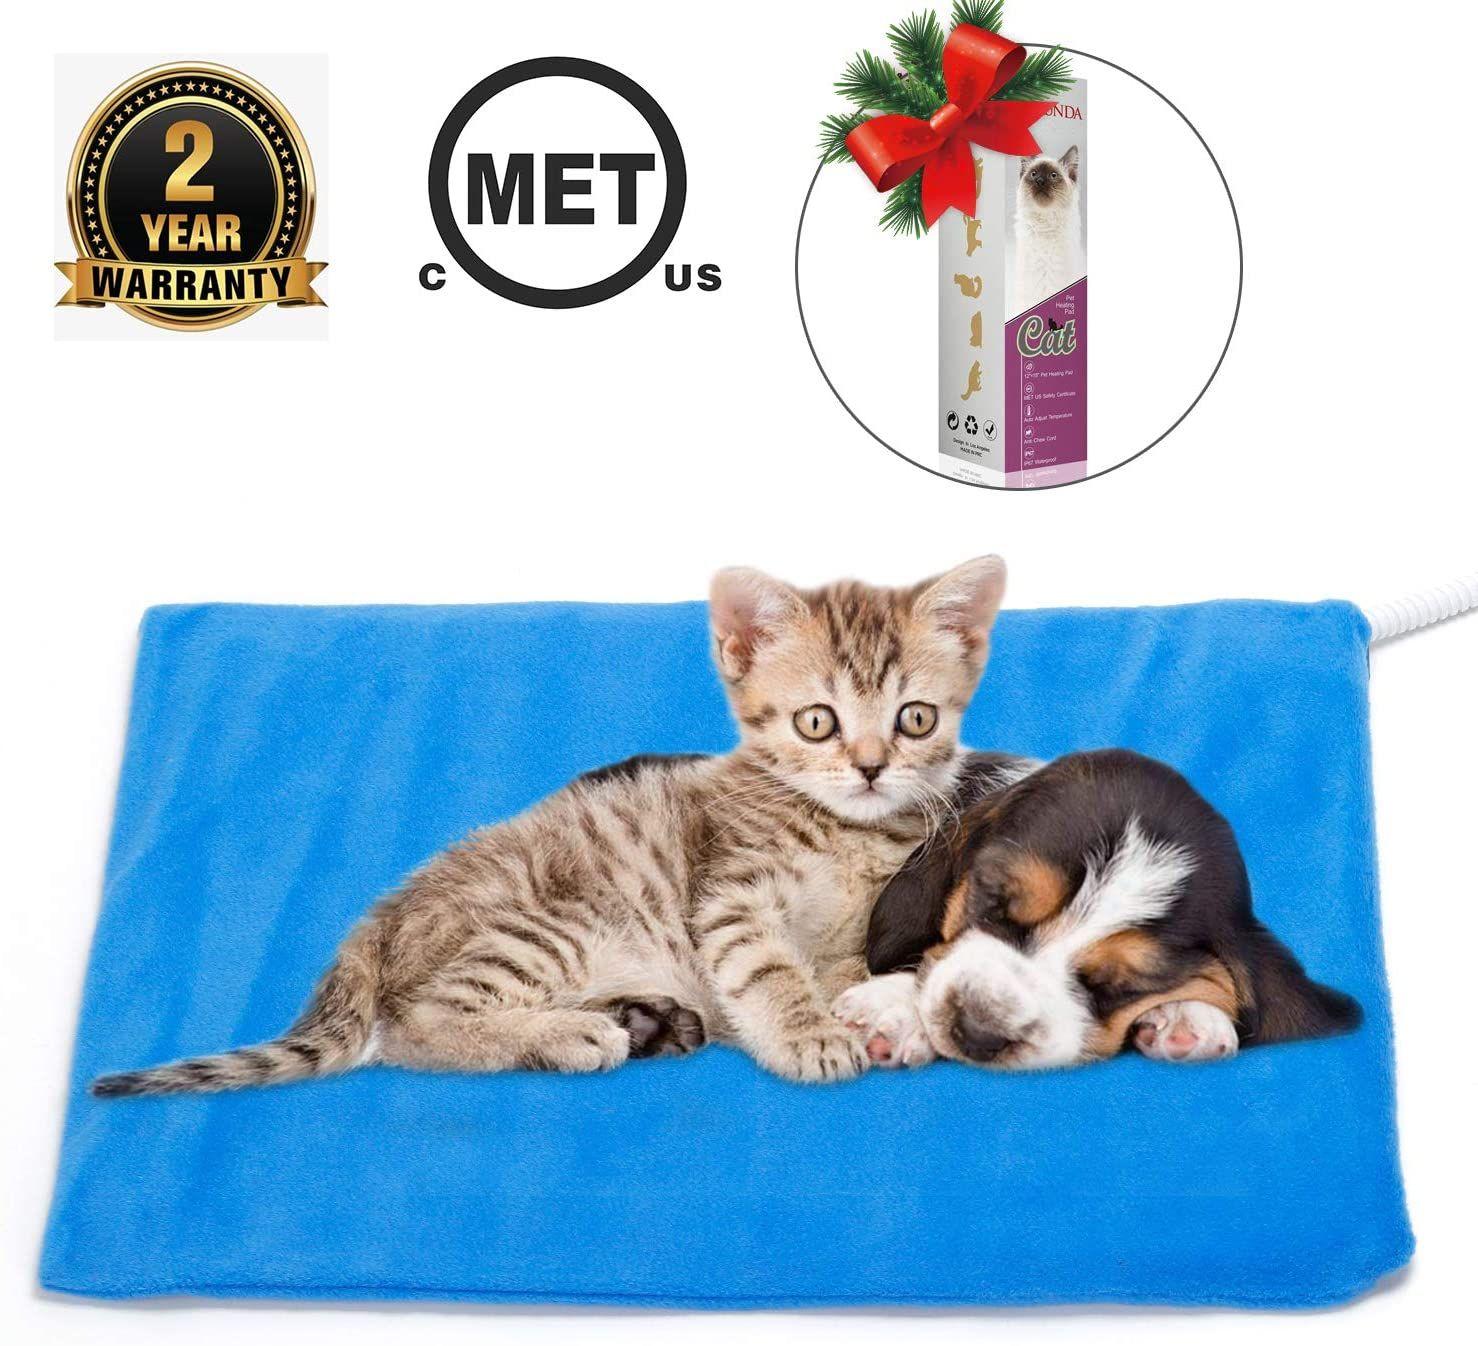 Marunda Pet Heating Pad Cat Dog Electric Pet Heating Pad Indoor Waterproof Auto Constant Tempera Pet Heating Pad Indoor Pets Pet Mat